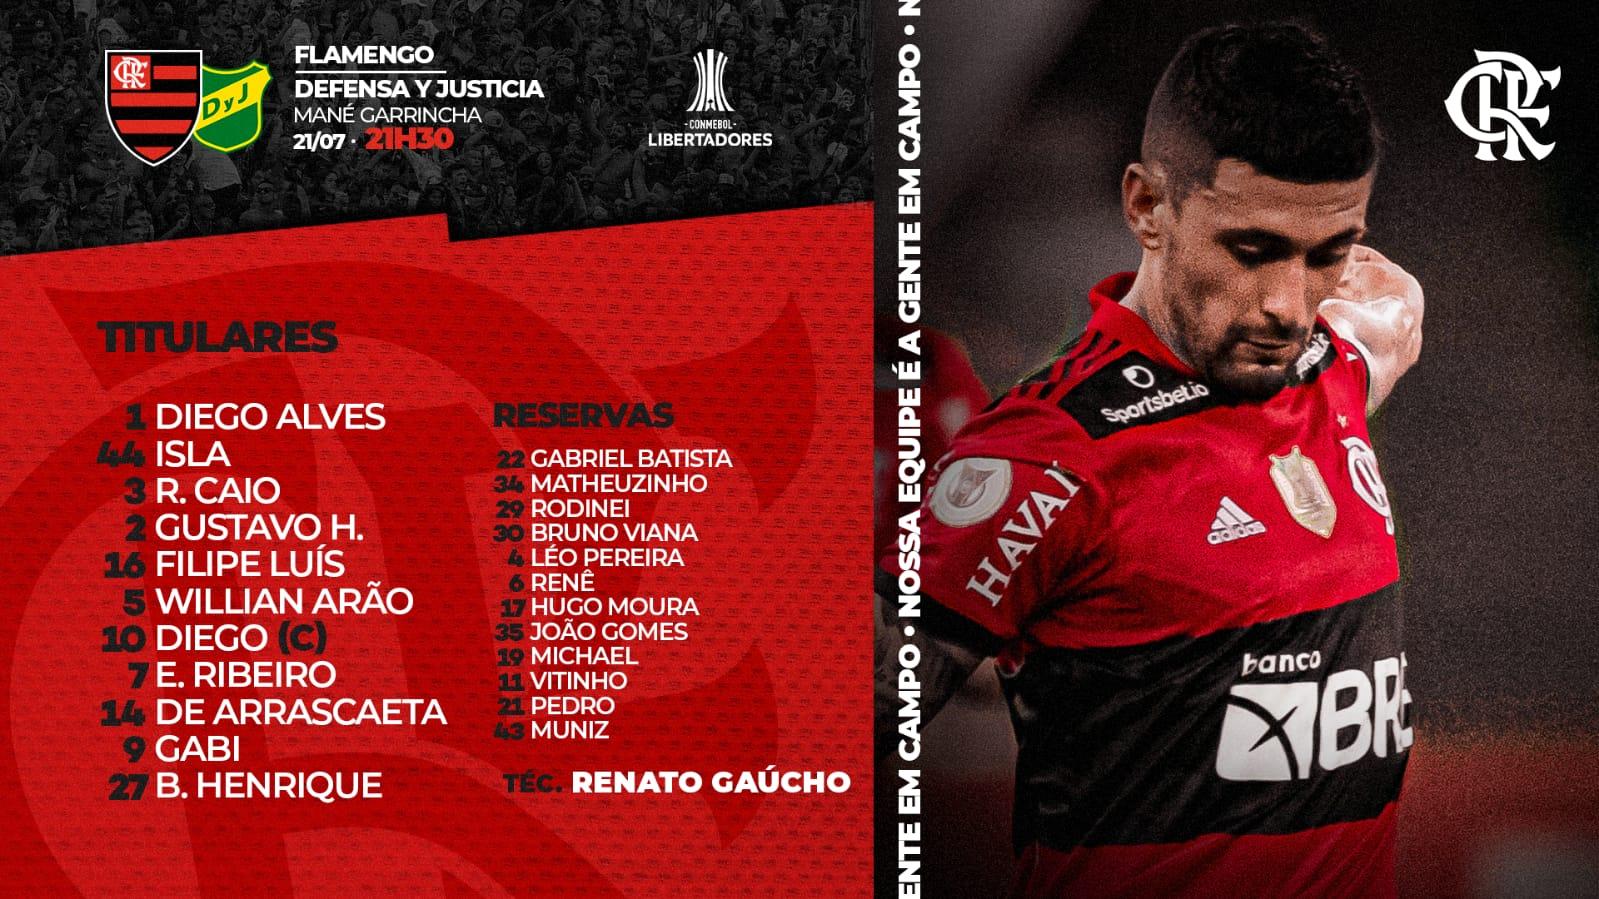 Flamengo escalado para pegar o Defensa y Justicia pelas oitavas de final da Libertadores